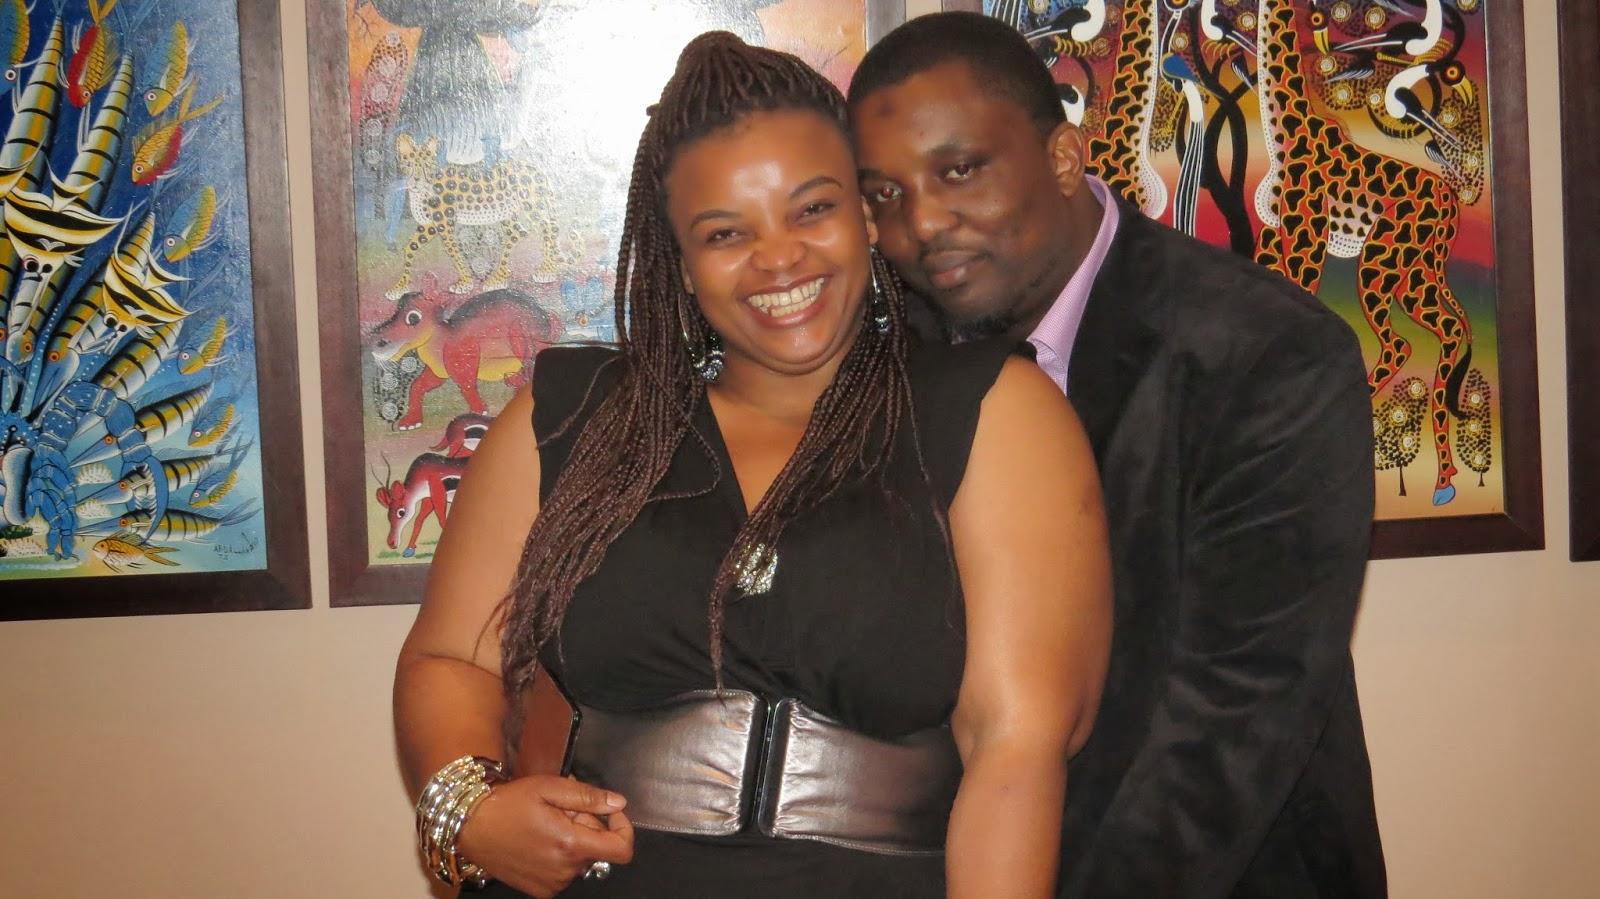 lotsaspace info - Article dj mwanga download video mpya